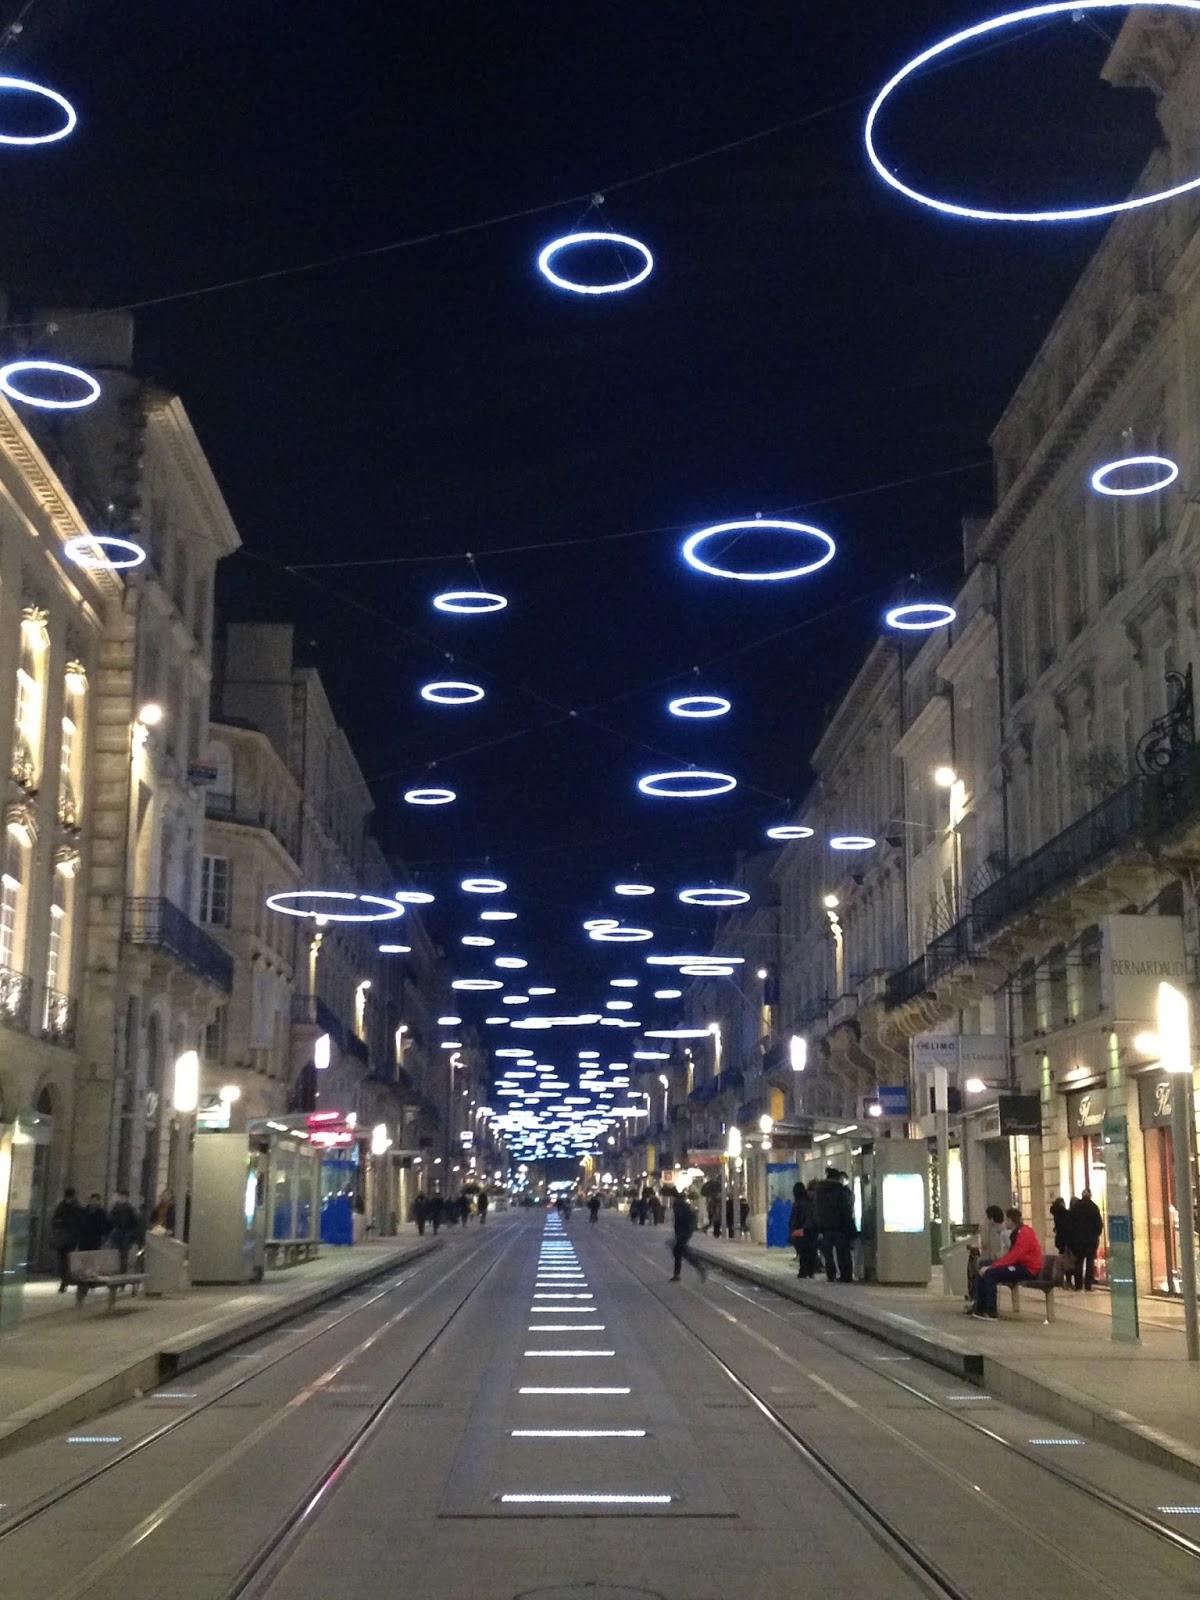 C est beau une ville la nuit art daily fix - Magasins rue sainte catherine ...